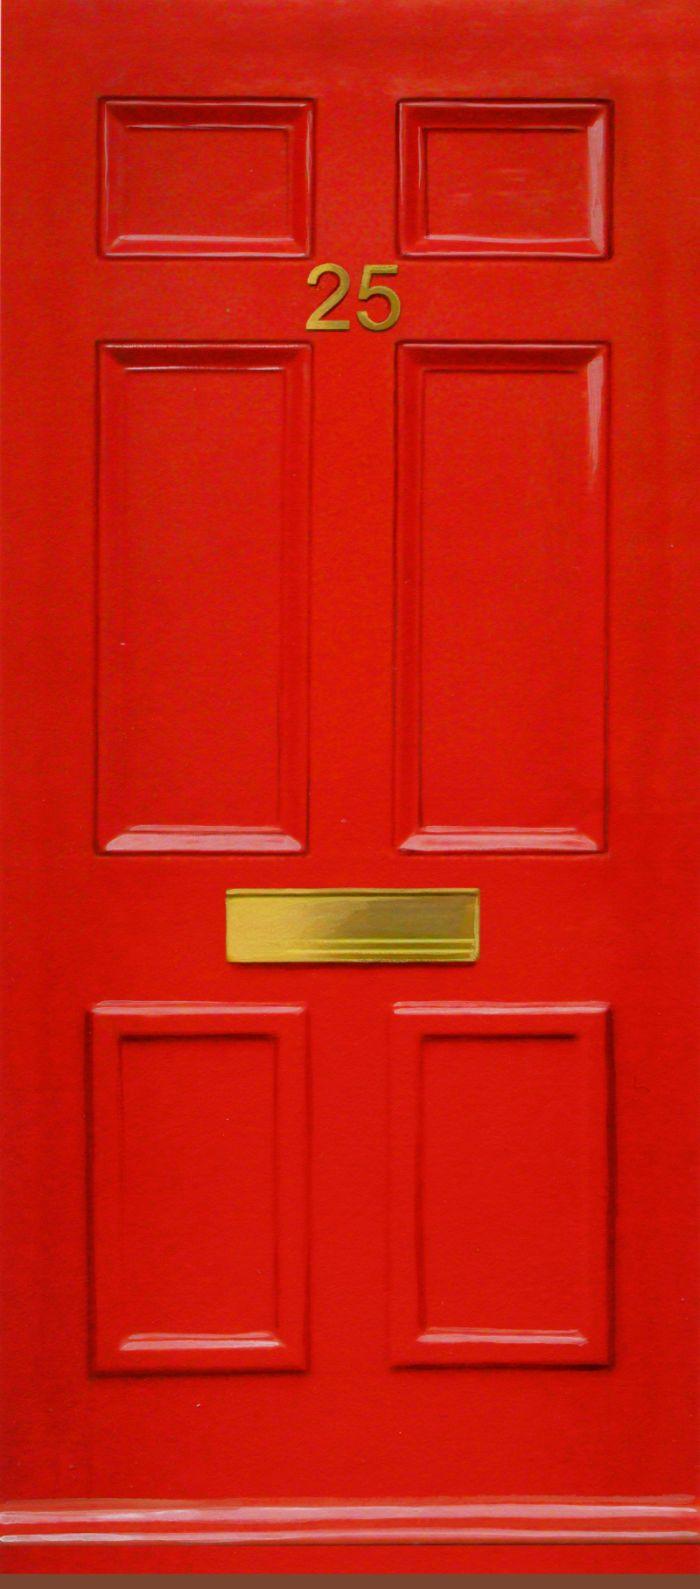 christmas front door clipart. lisa alderson - la 181 red door.jpg. christmas front door clipart